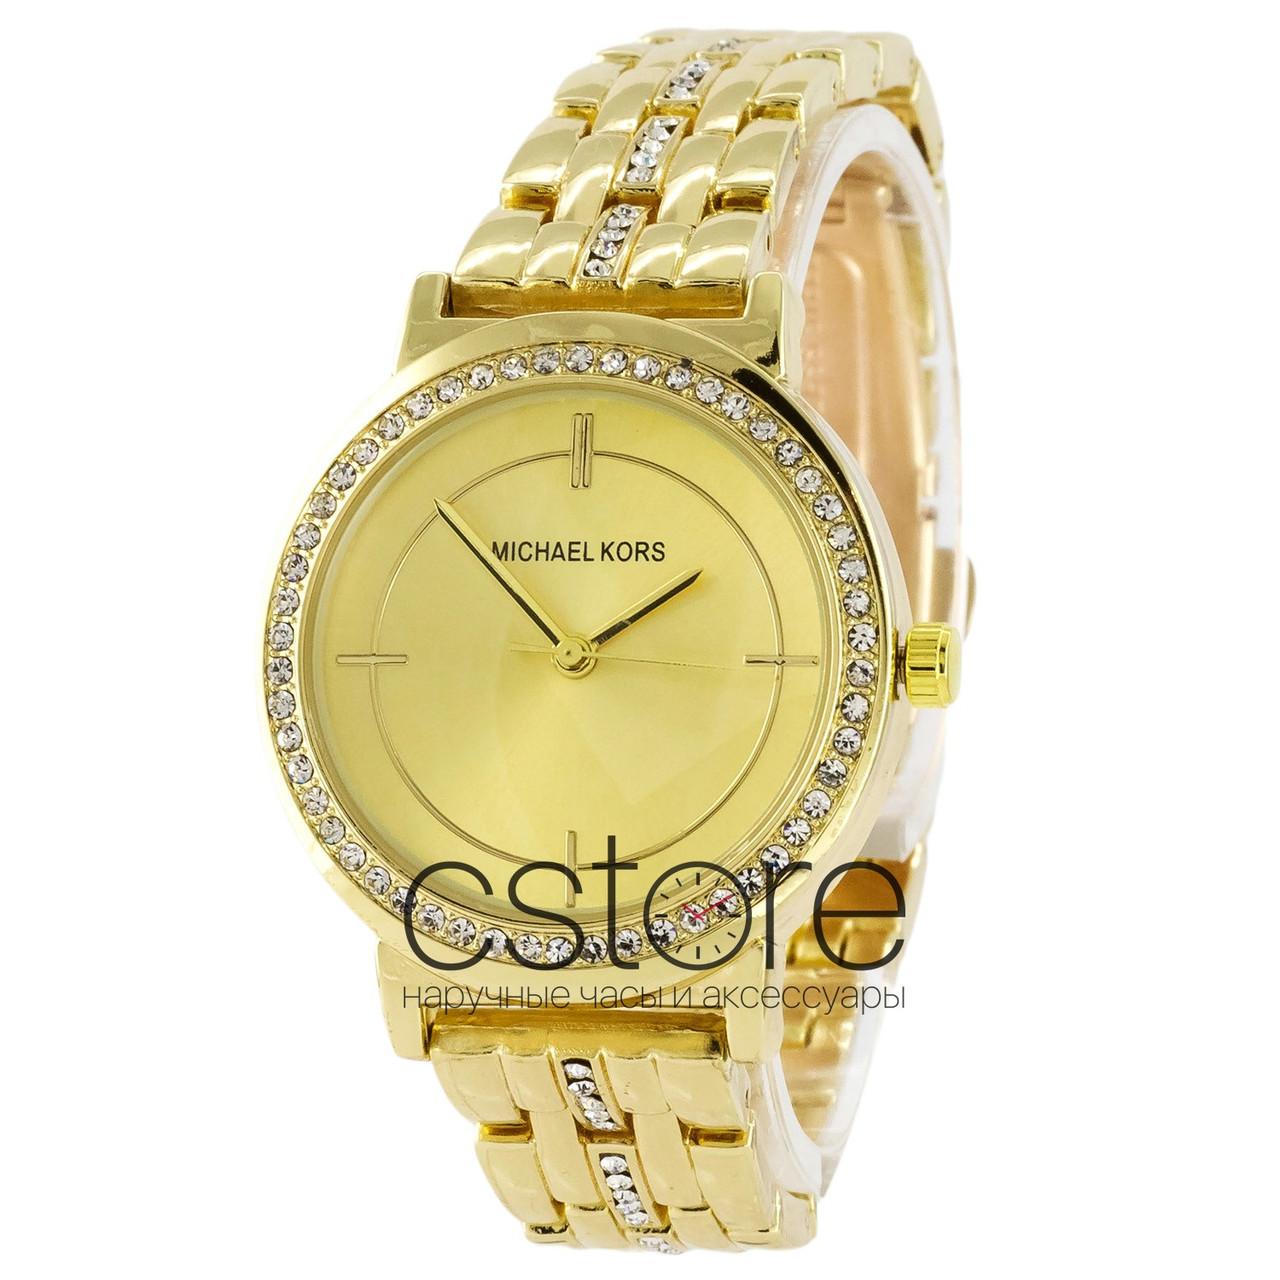 Женские наручные часы Michael Kors желтое золото с золотистым циферблатом  (22235) 65713080cf8